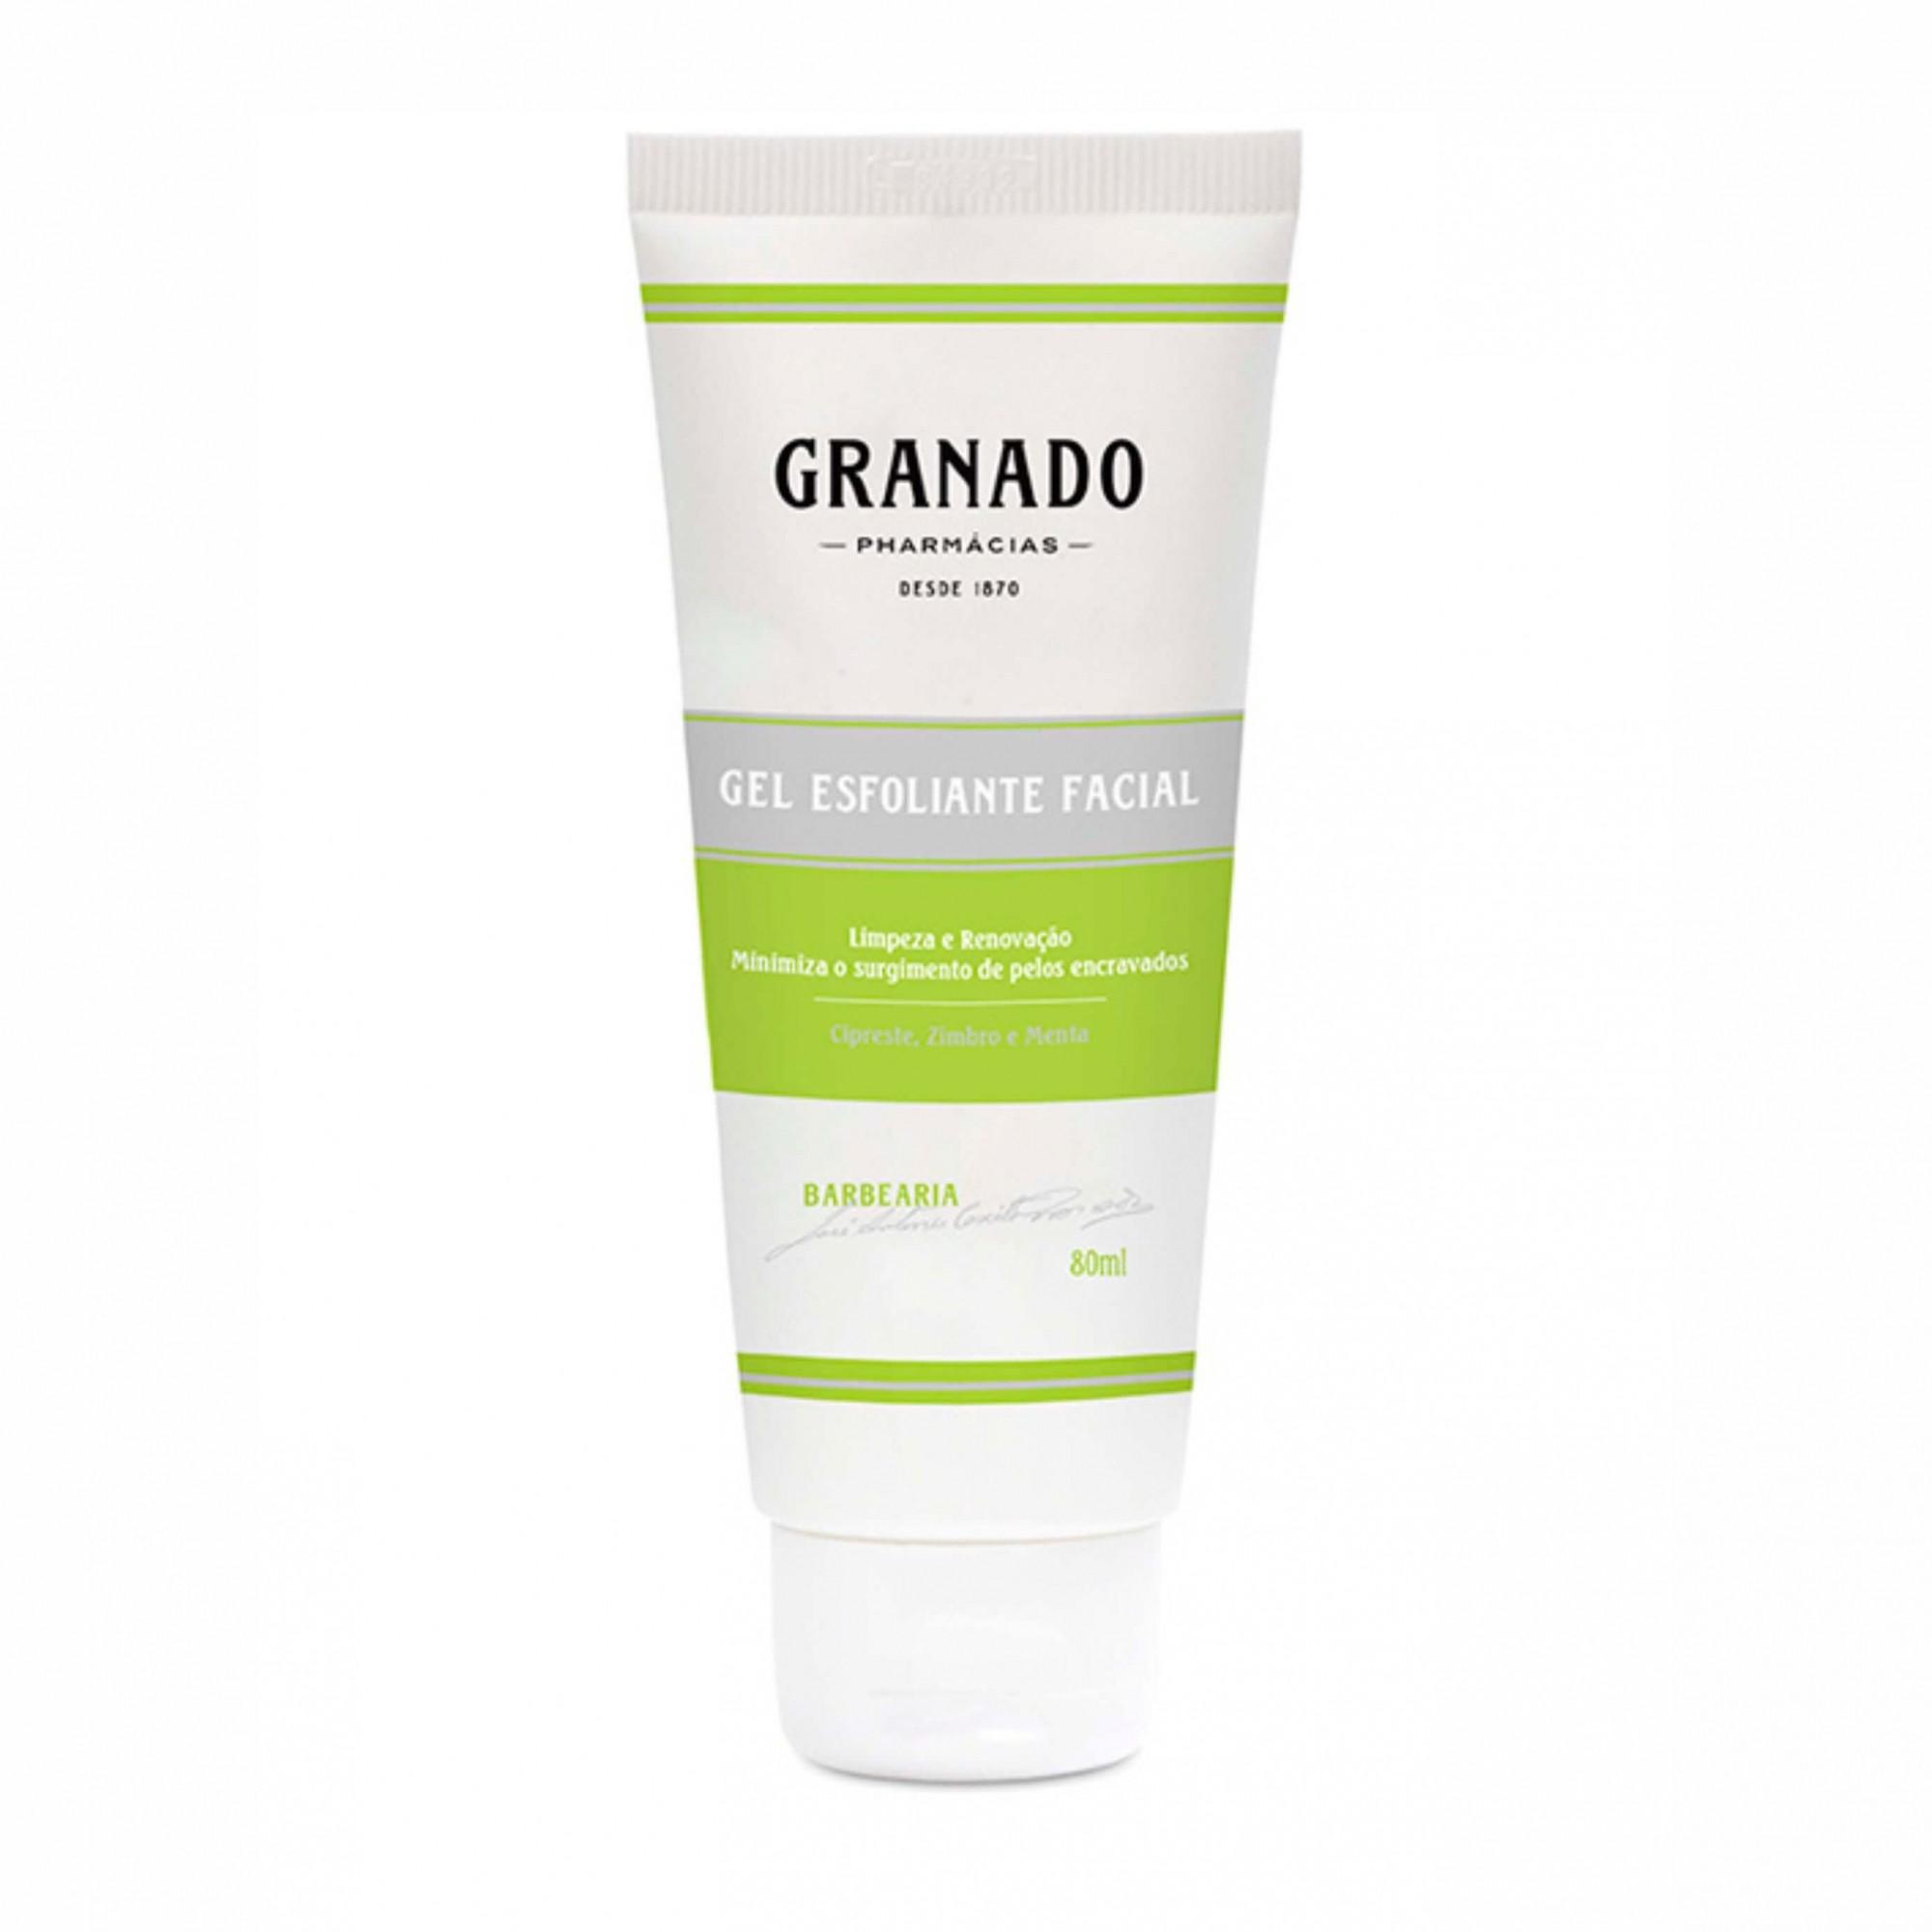 Gel Esfoliante Facial Granado  80ml